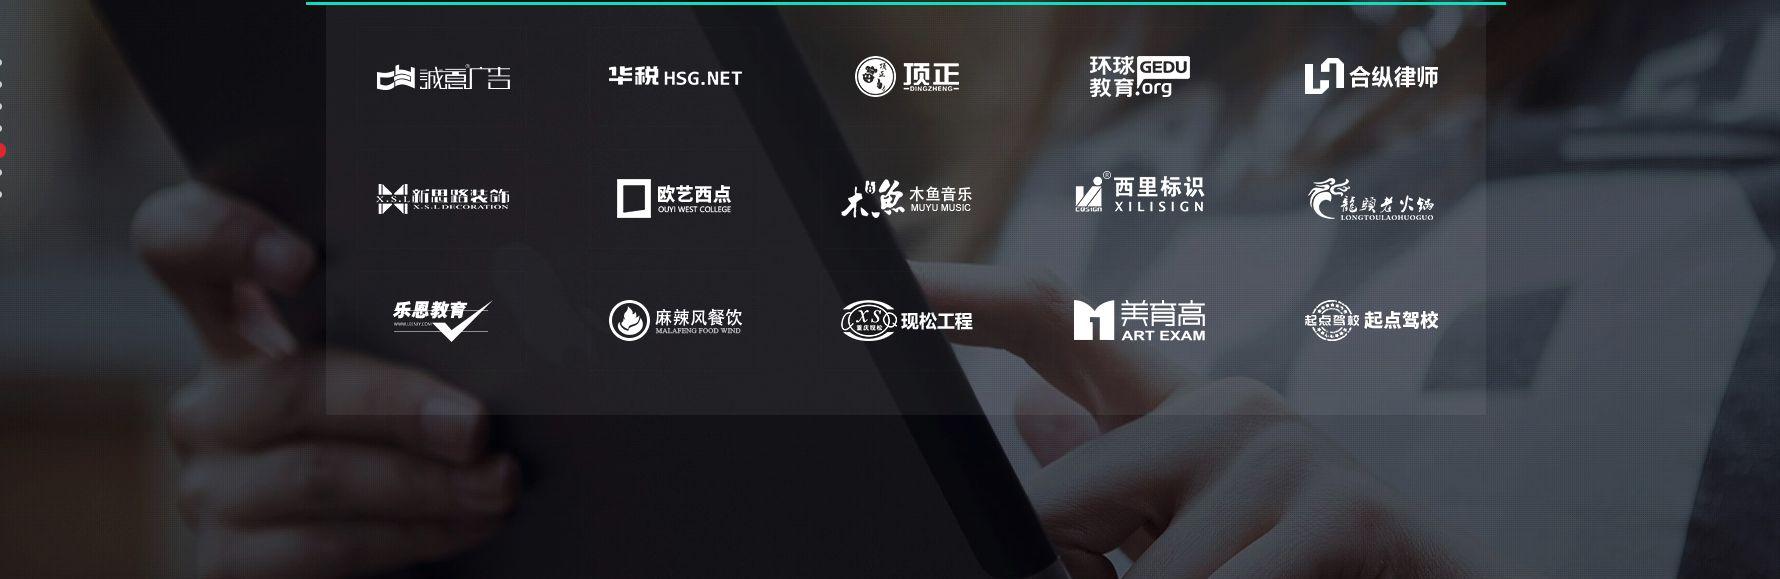 重庆网站建设gongsi